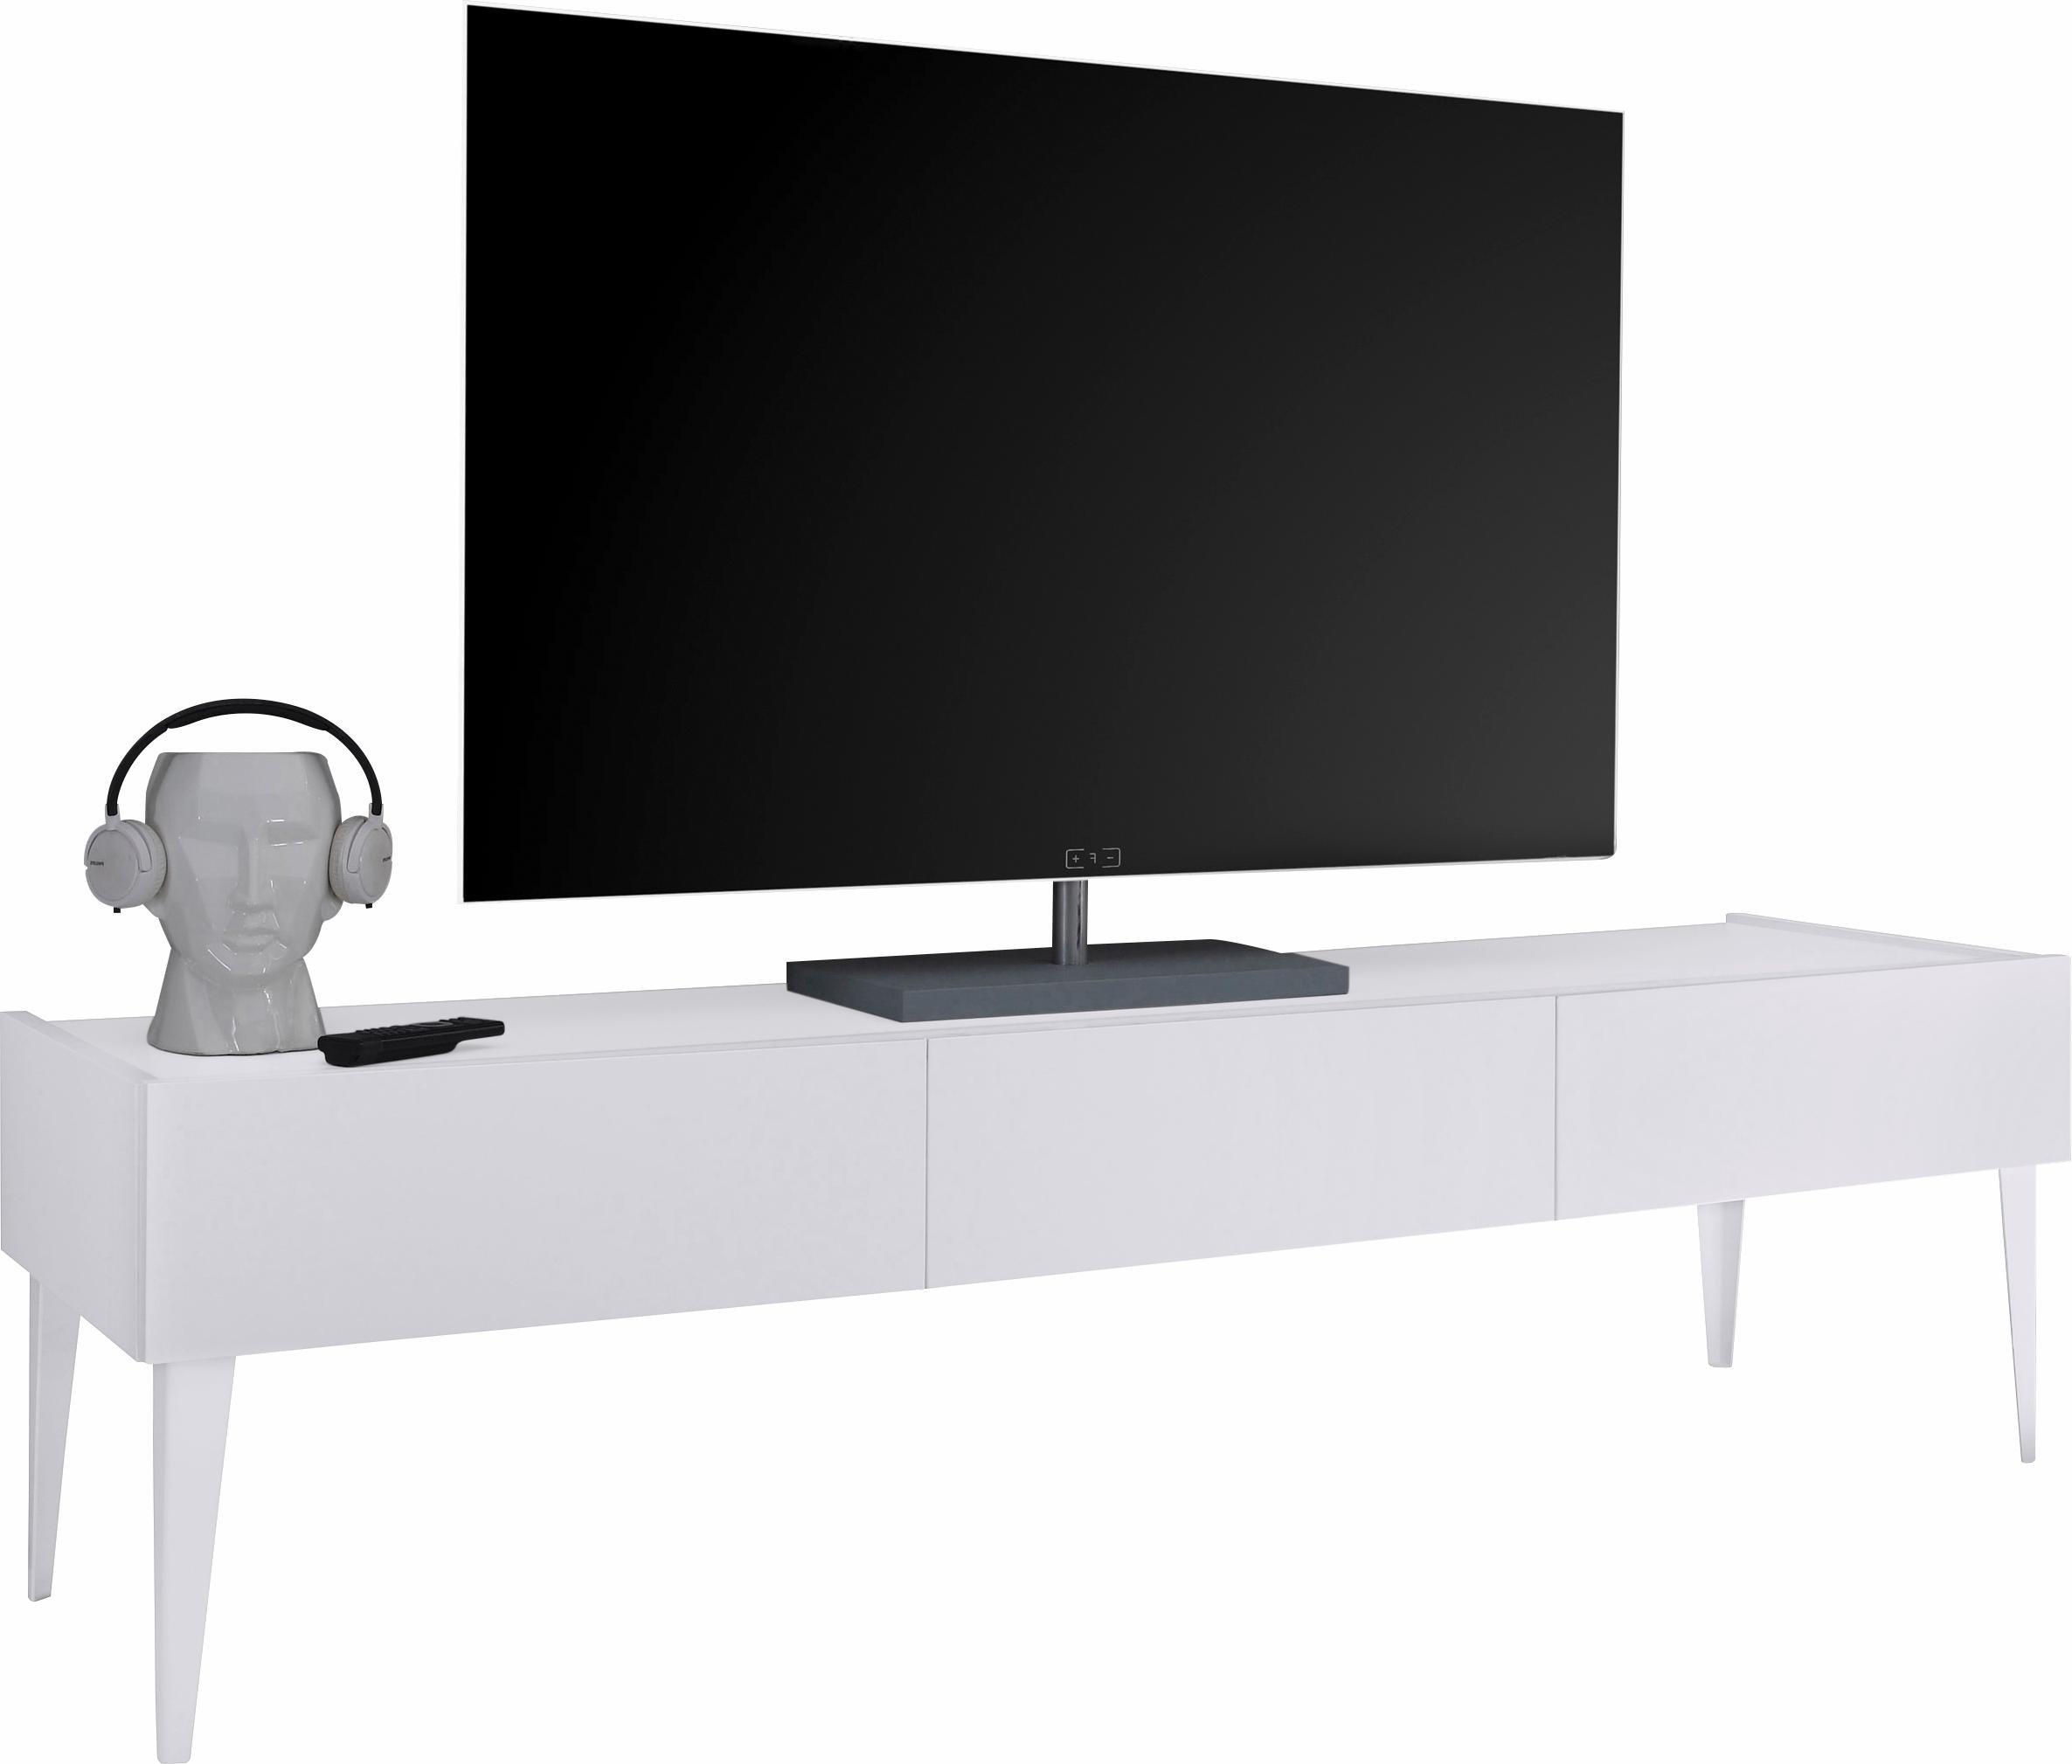 Tv meubel Vespa large met voeten - Mat wit